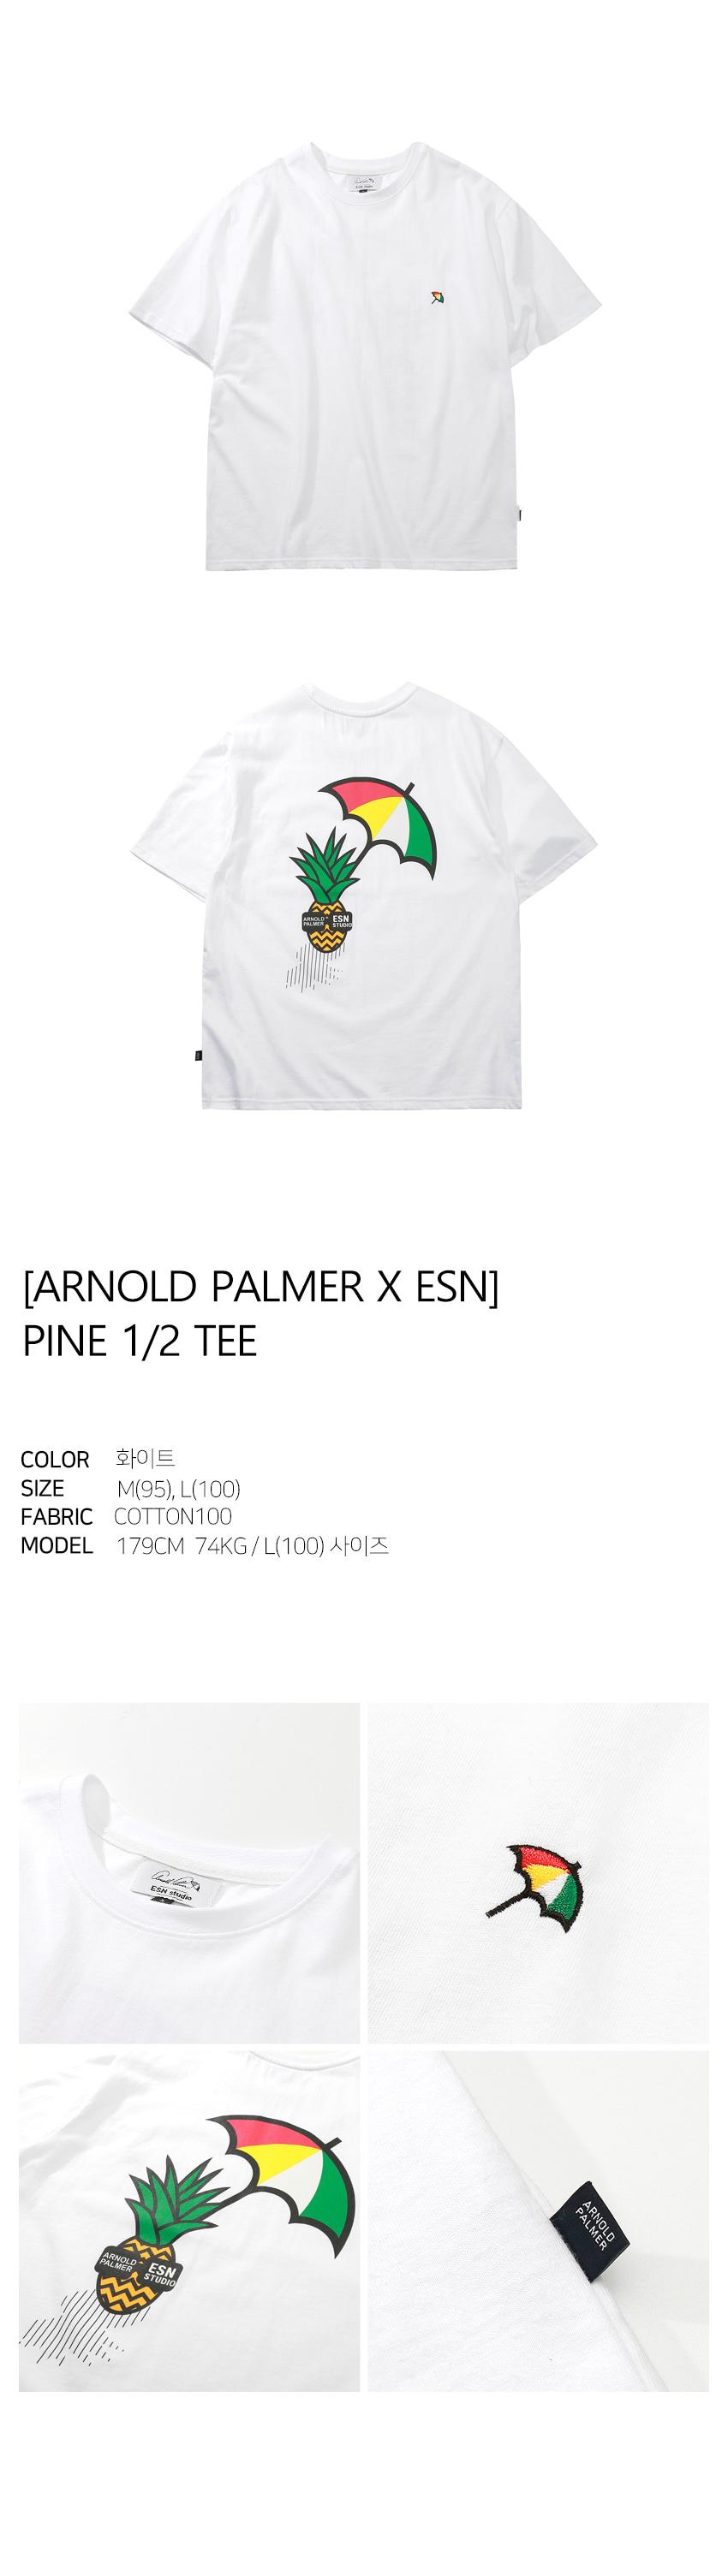 [ARNOLD PALMER X ESN] Pine 1/2 Tee white